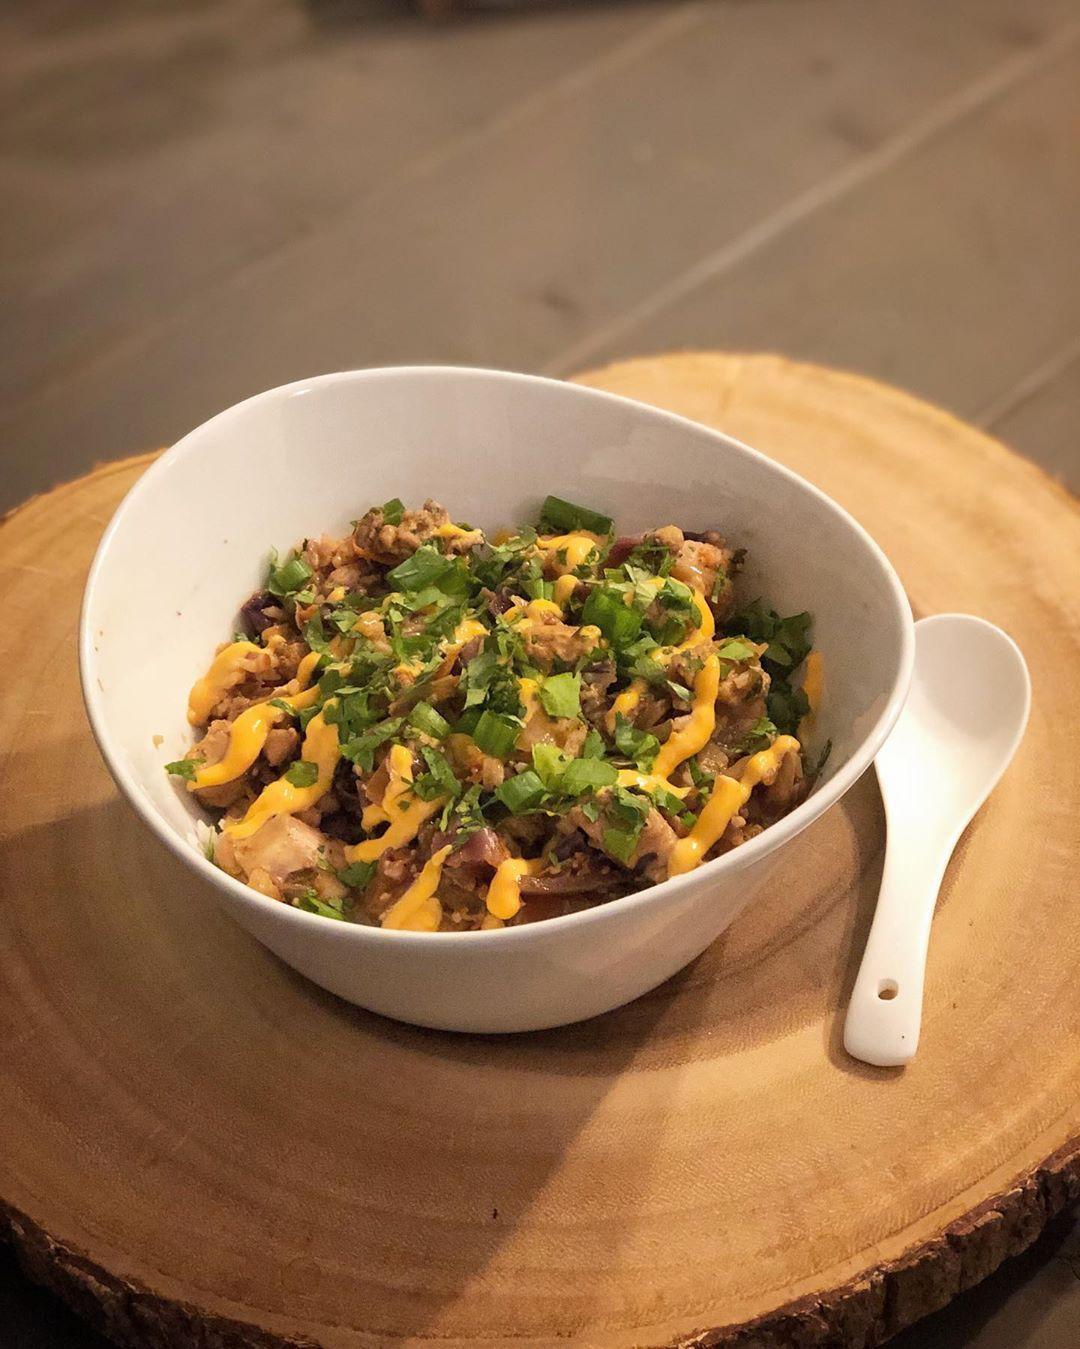 Easy Chicken & Cabbage Stir Fry mit Reis. Rezept inspiriert von: Sriracha Mayo #cabbagestirfry